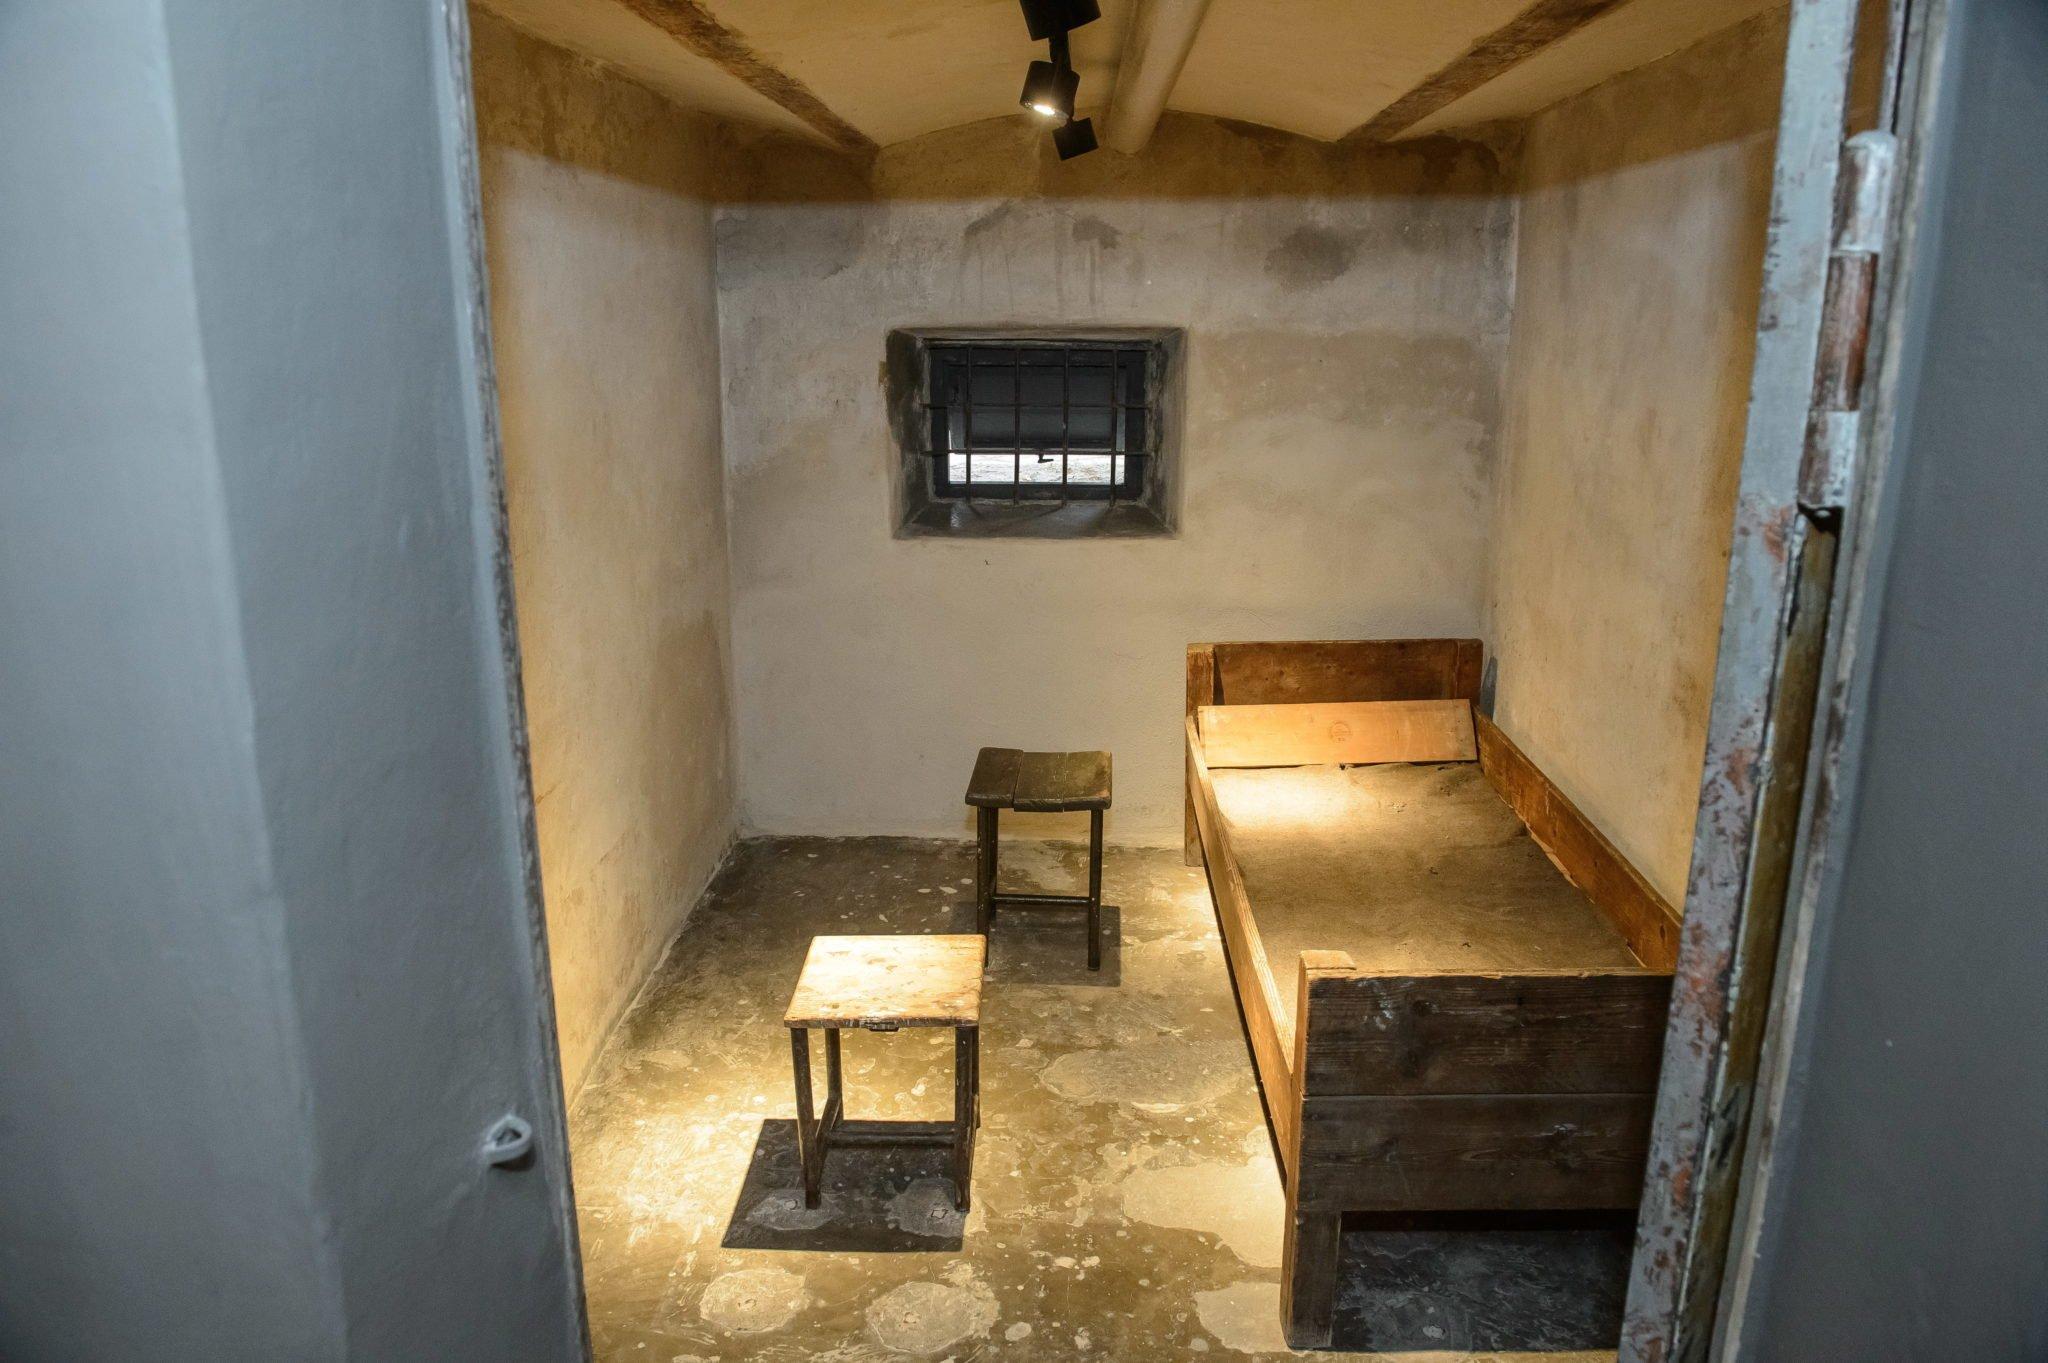 """Uroczyste otwarcie Muzeum Martyrologii """"Pod zegarem"""" Muzeum Lubelskiego. Powstała wystawa stała prezentująca losy więźniów aresztu Gestapo. Wyjątkową częścią Muzeum jest Ściana Pamięci, na której znalazły się wizerunki więźniów, przetrzymywanych w areszcie i zakatowanych na miejscu oraz zamordowanych na terenie Lublina lub w obozach koncentracyjnych. Ekspozycja muzeum wzbogacona została o multimedia zawierające relacje więźniów i ich bliskich oraz przedmioty wykonane przez więźniów, fot: Wojciech Pacewicz, PAP"""